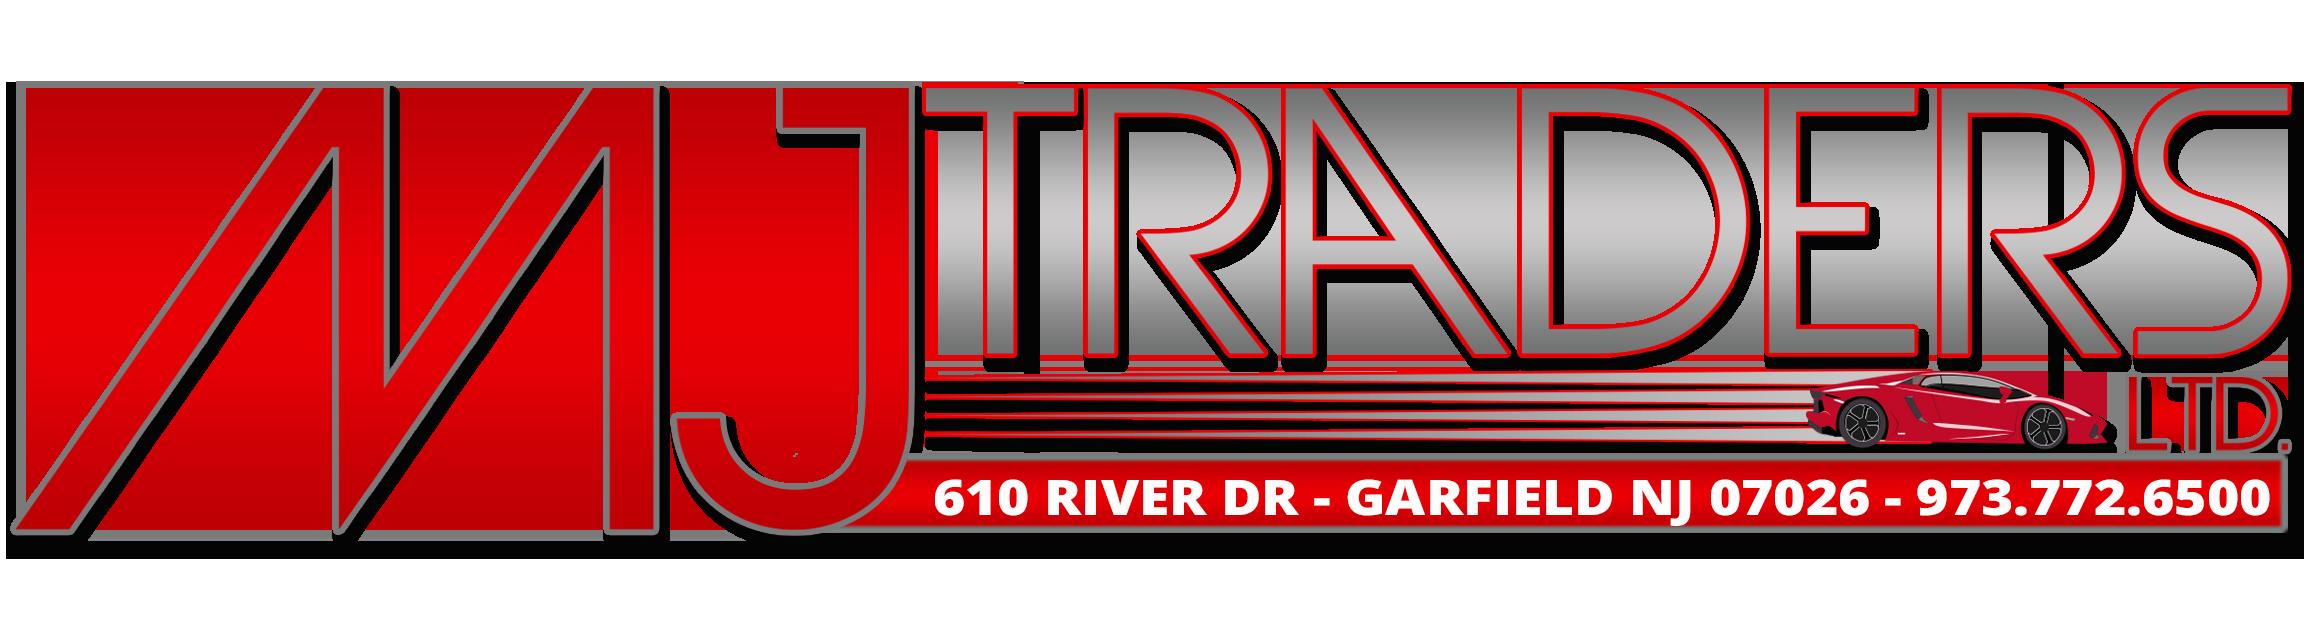 M J Traders Ltd.